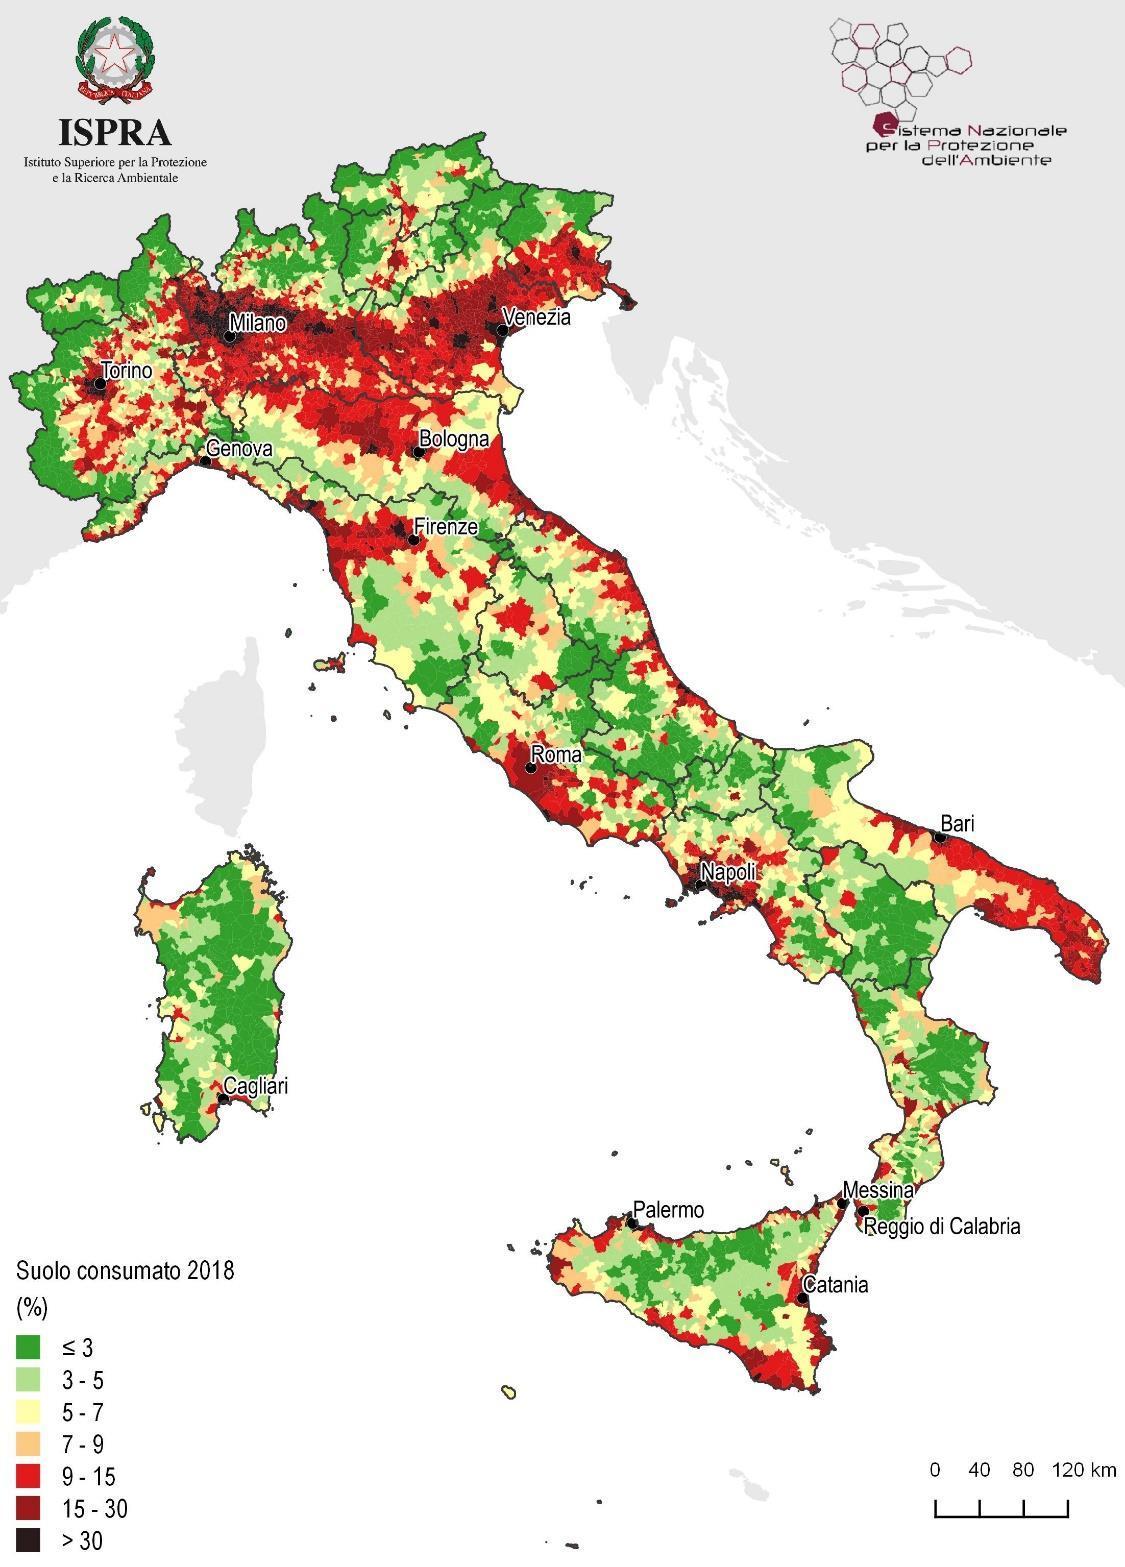 Suolo consumato per comune in Italia a tutto il 2018, percentuale